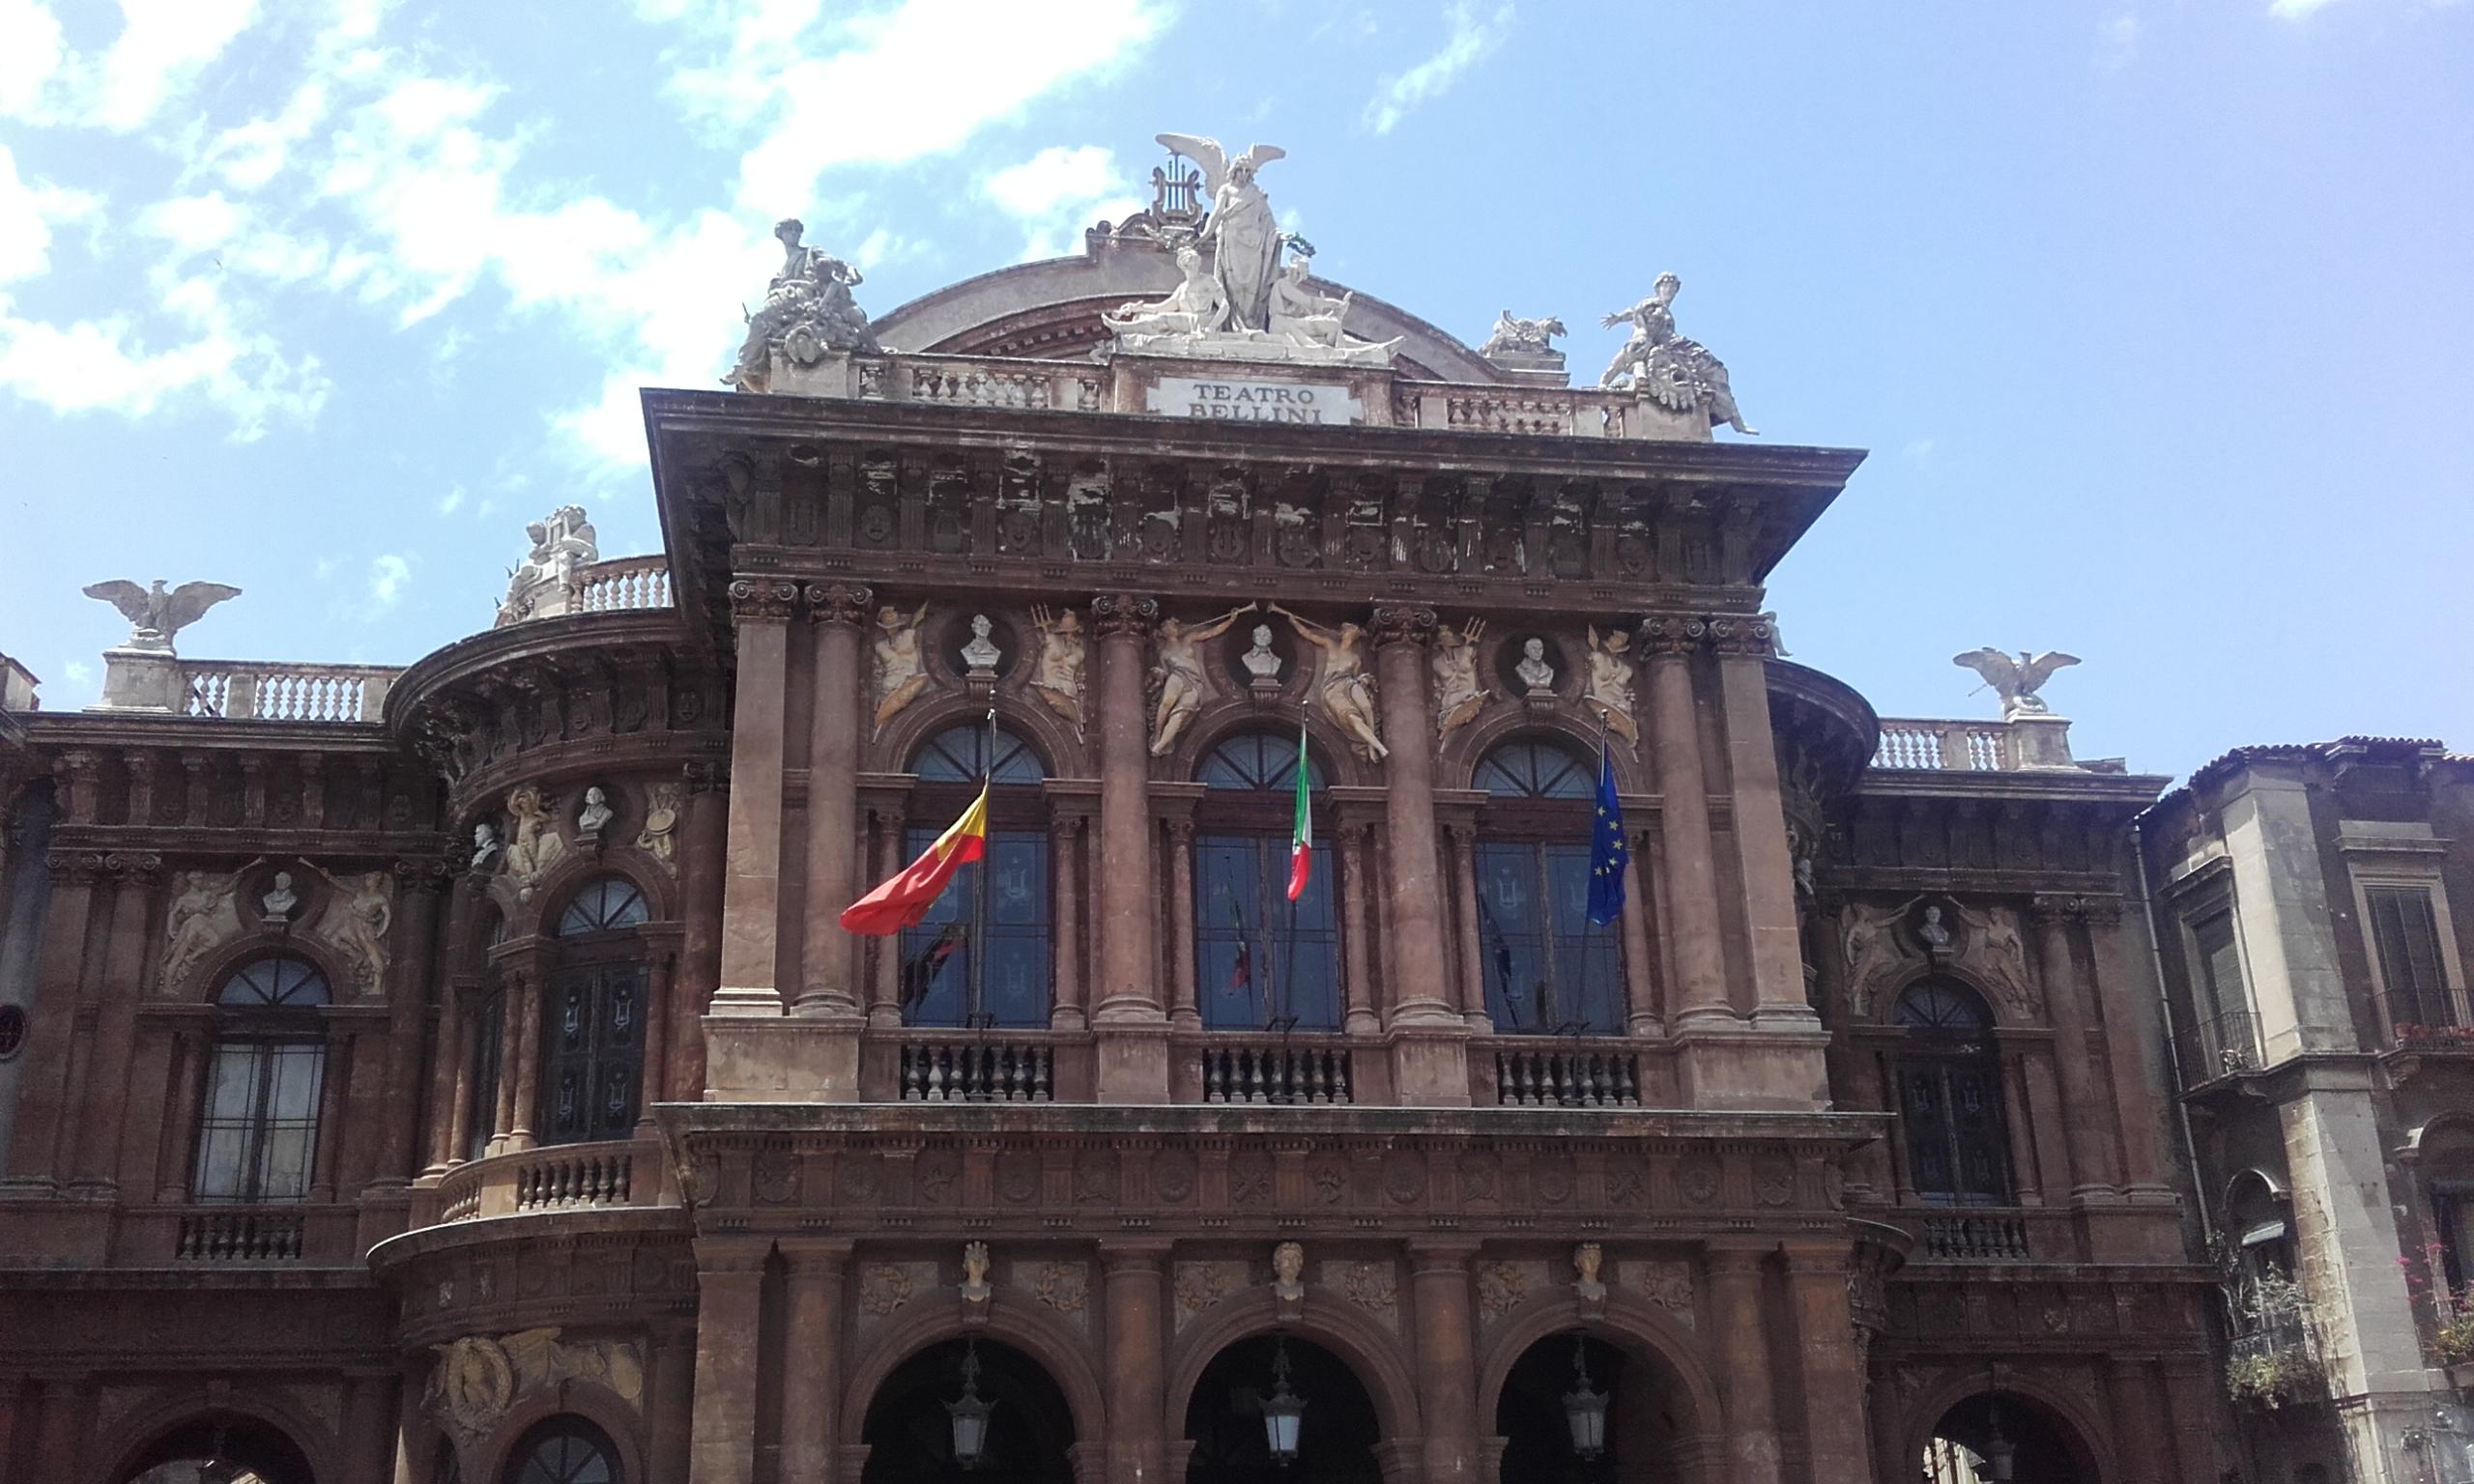 Teatro Massimo Vincenzo Bellini